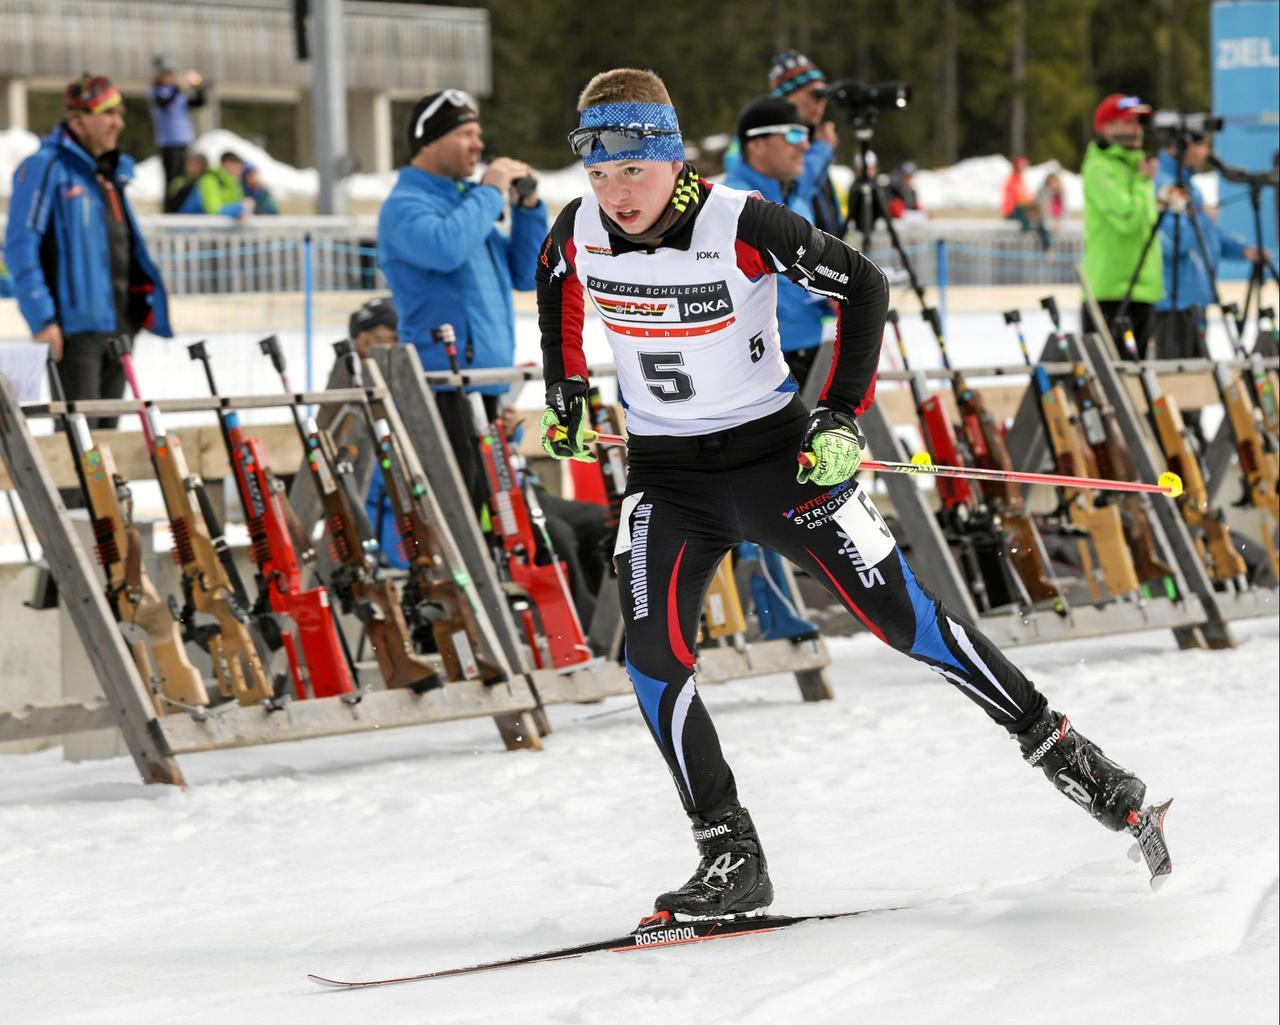 Engelmann wird Dritter der Gesamtwertung